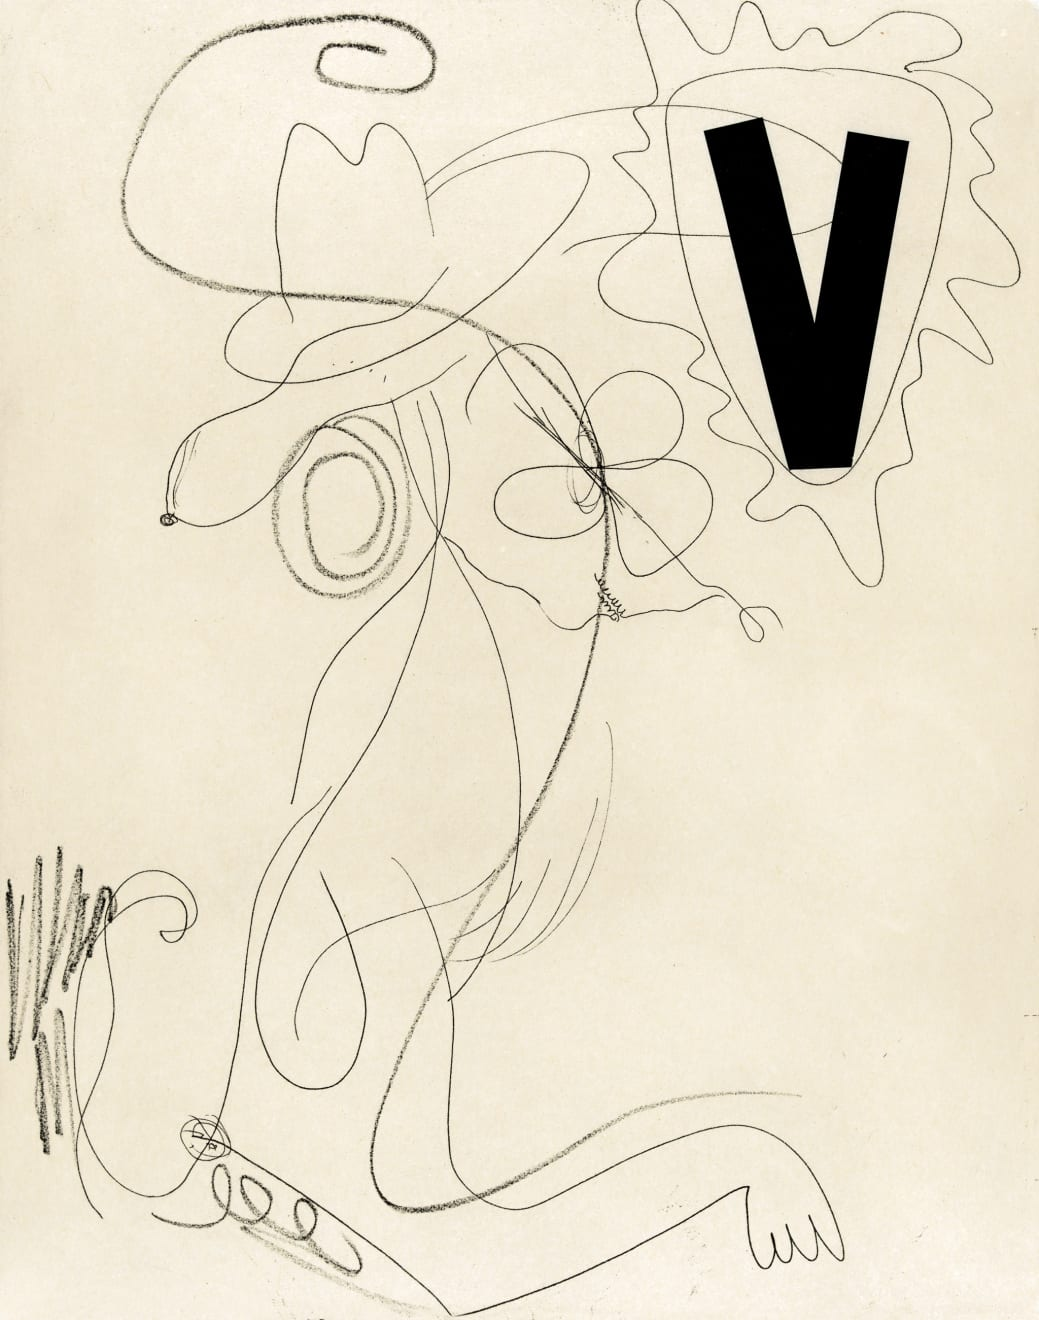 Charline von Heyl, Snoopy (Black V), 2014